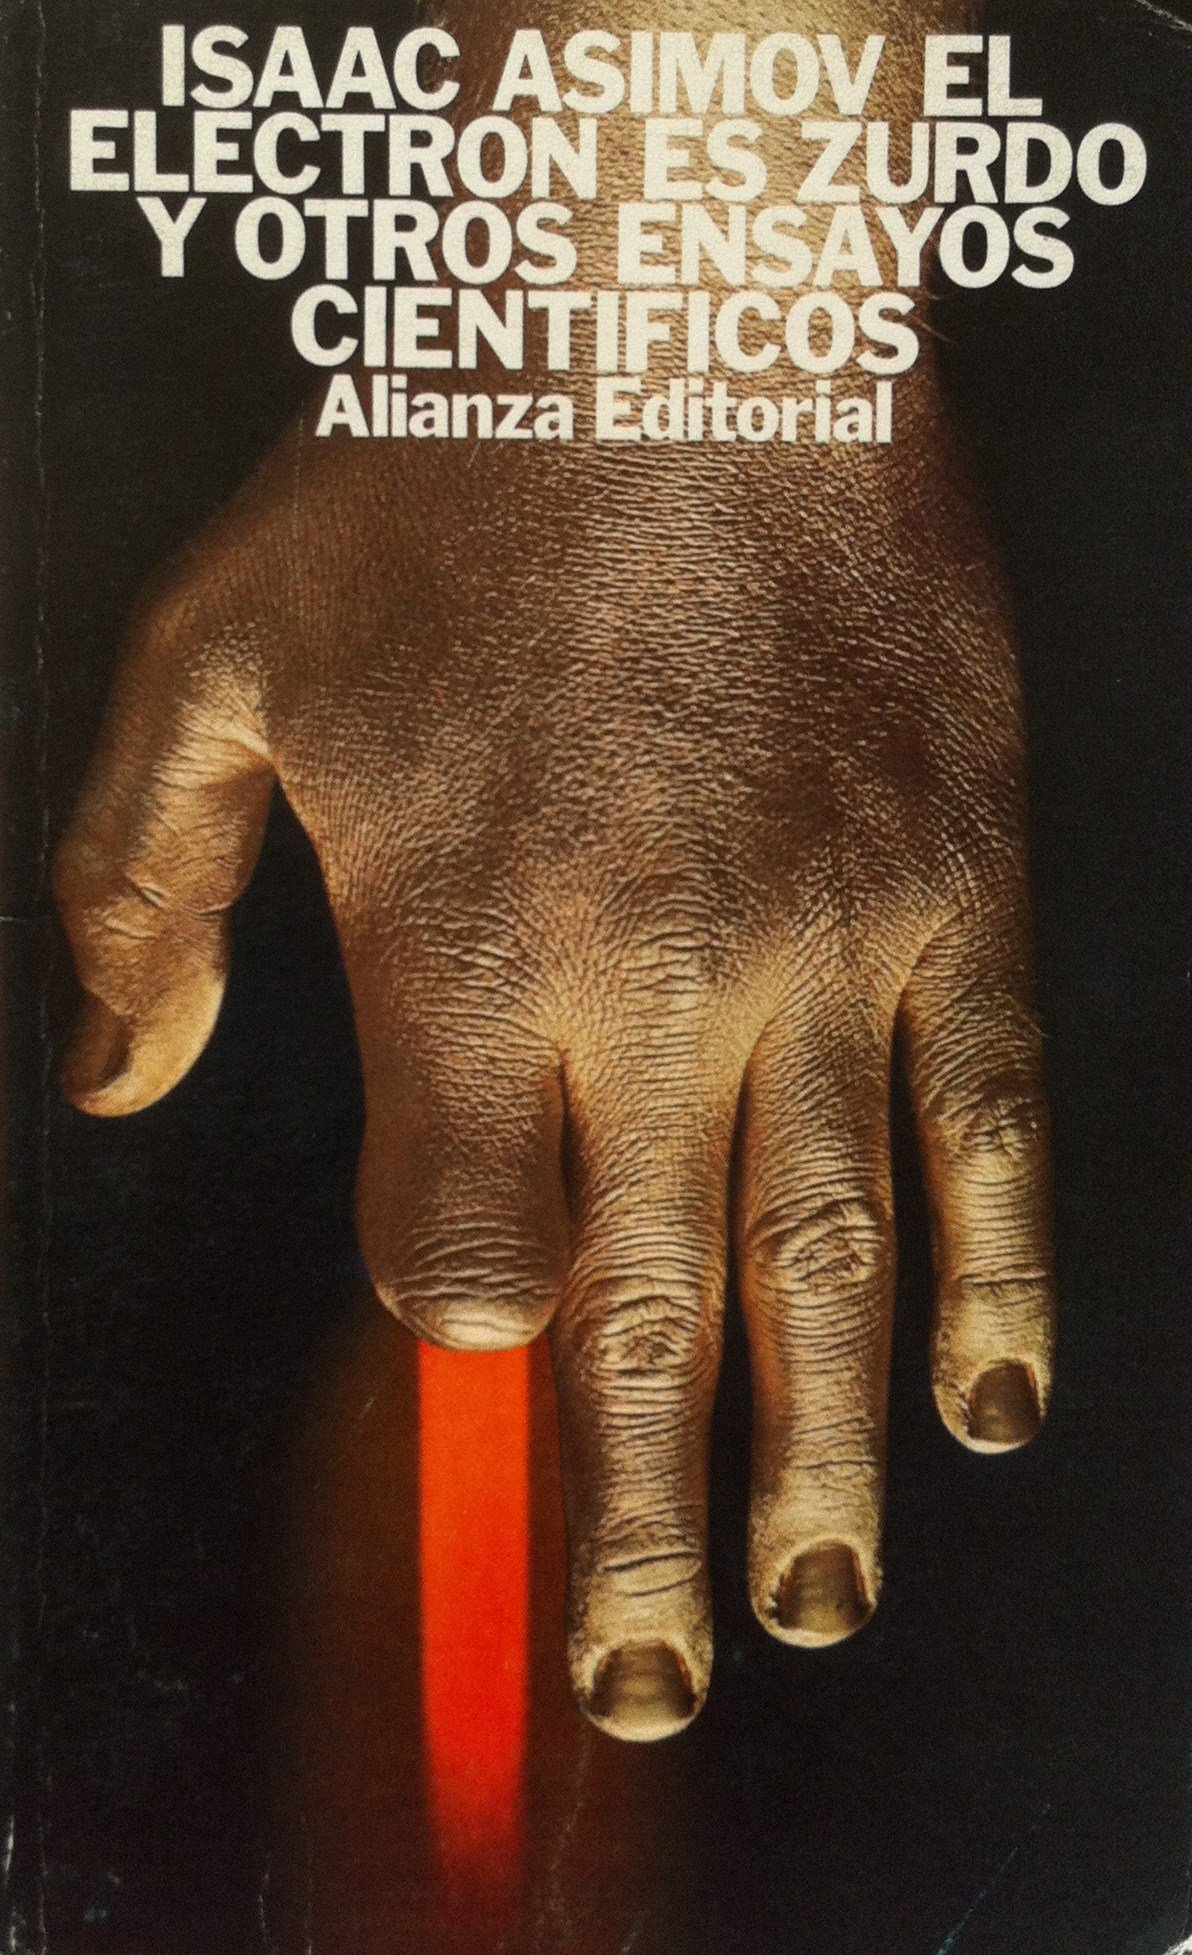 El electron es zurdo y otros ensayos cientificos: Amazon.es: Asimov, Isaac: Libros